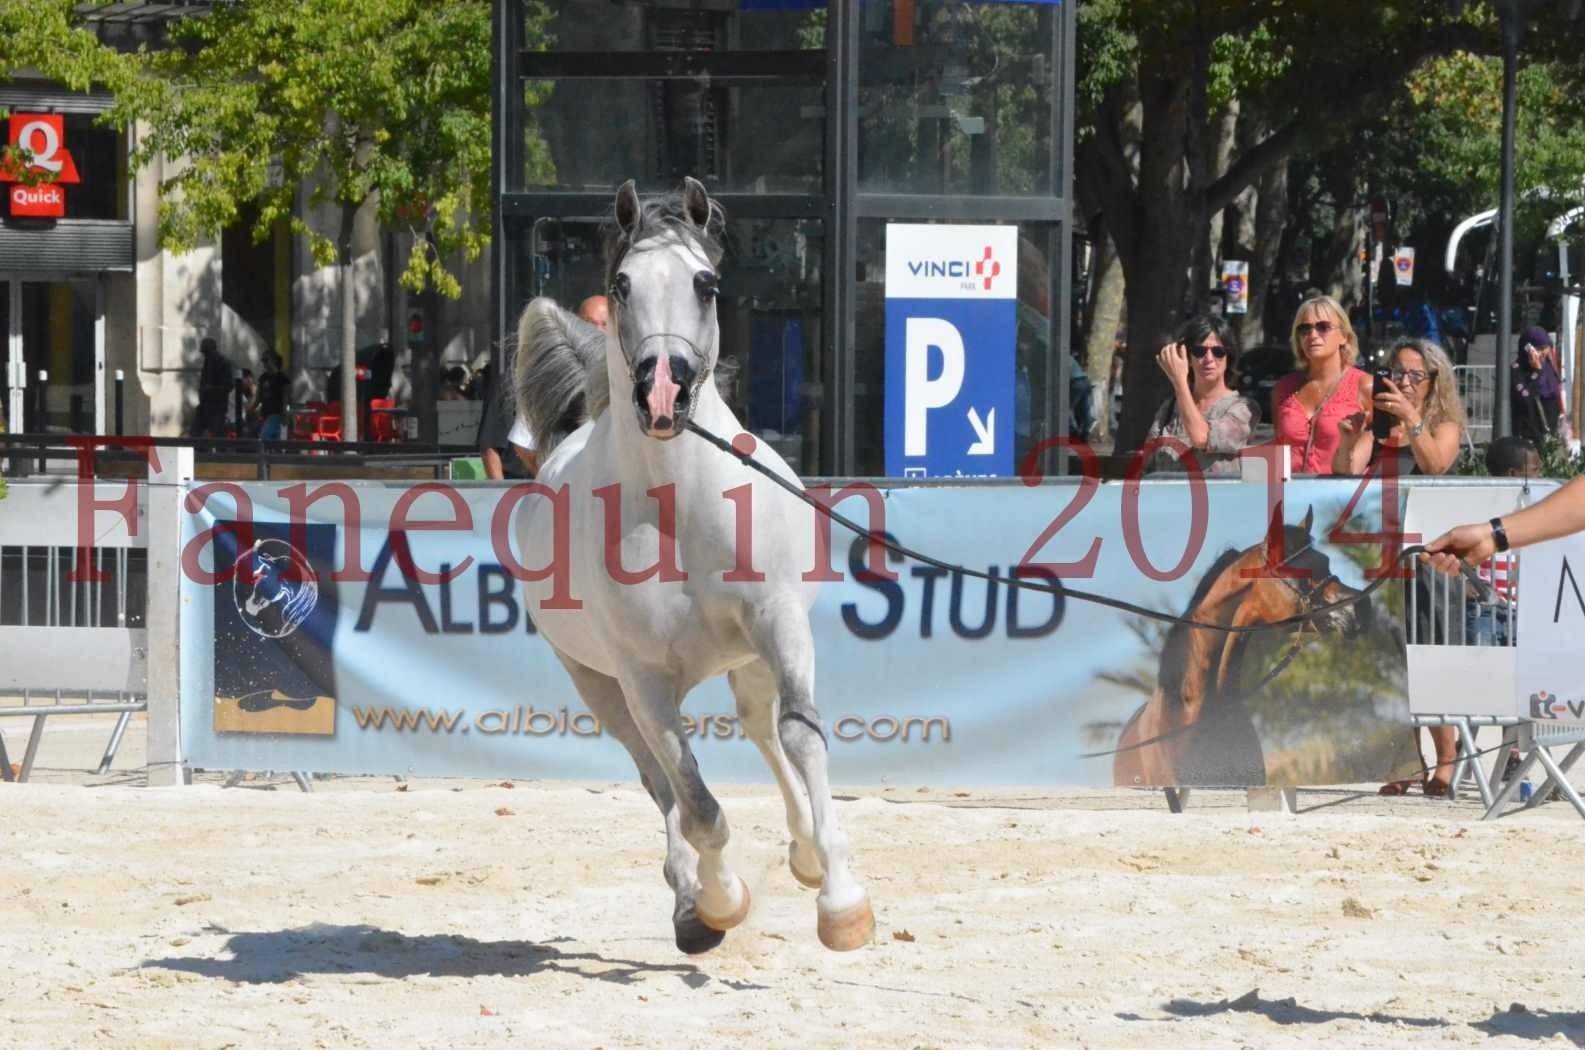 Concours National de Nîmes de chevaux ARABES 2014 - Sélection - SHAOLIN DE NEDJAIA - 46